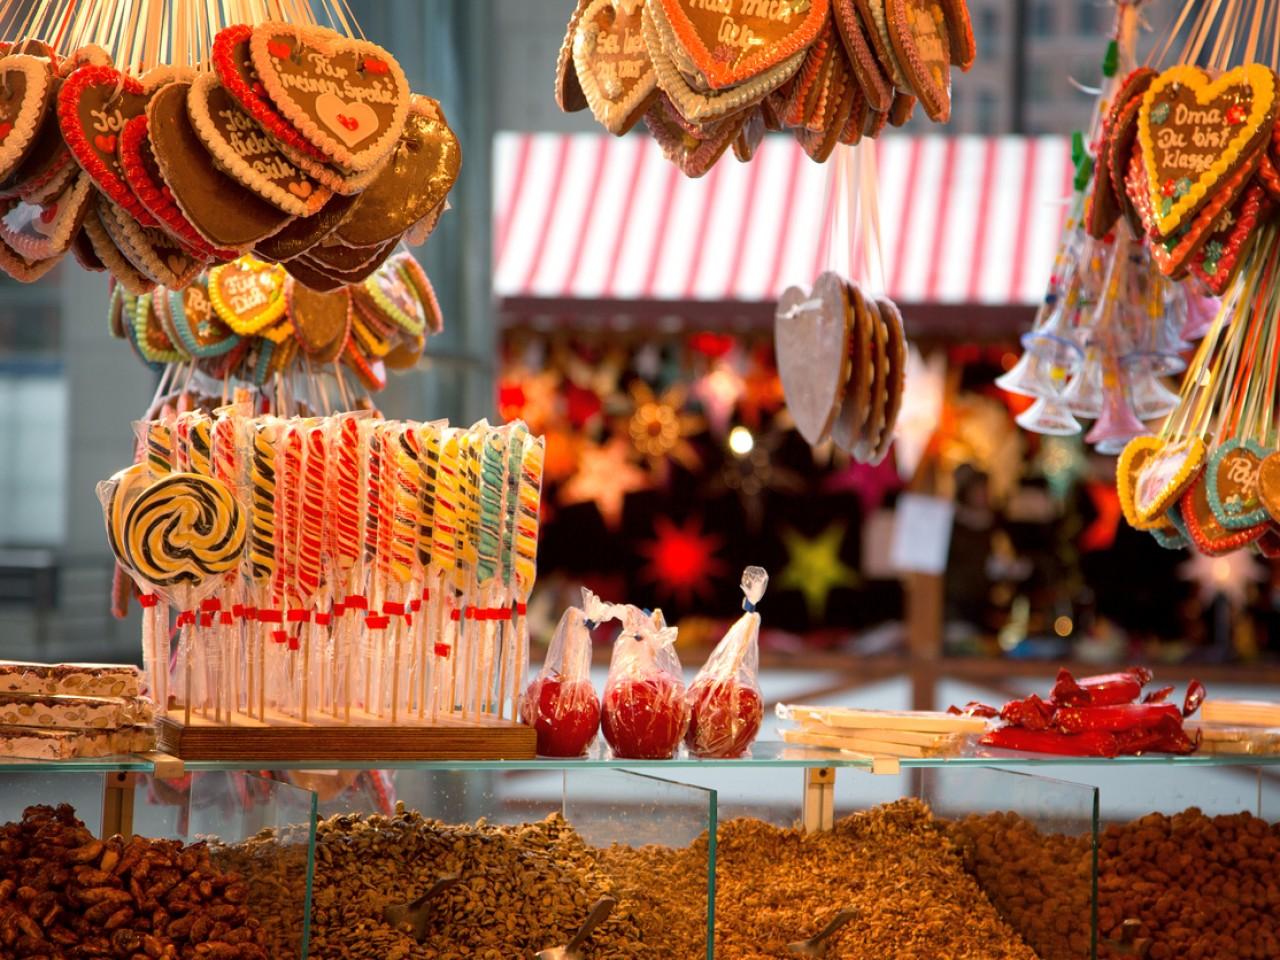 Munich Christmas Markets